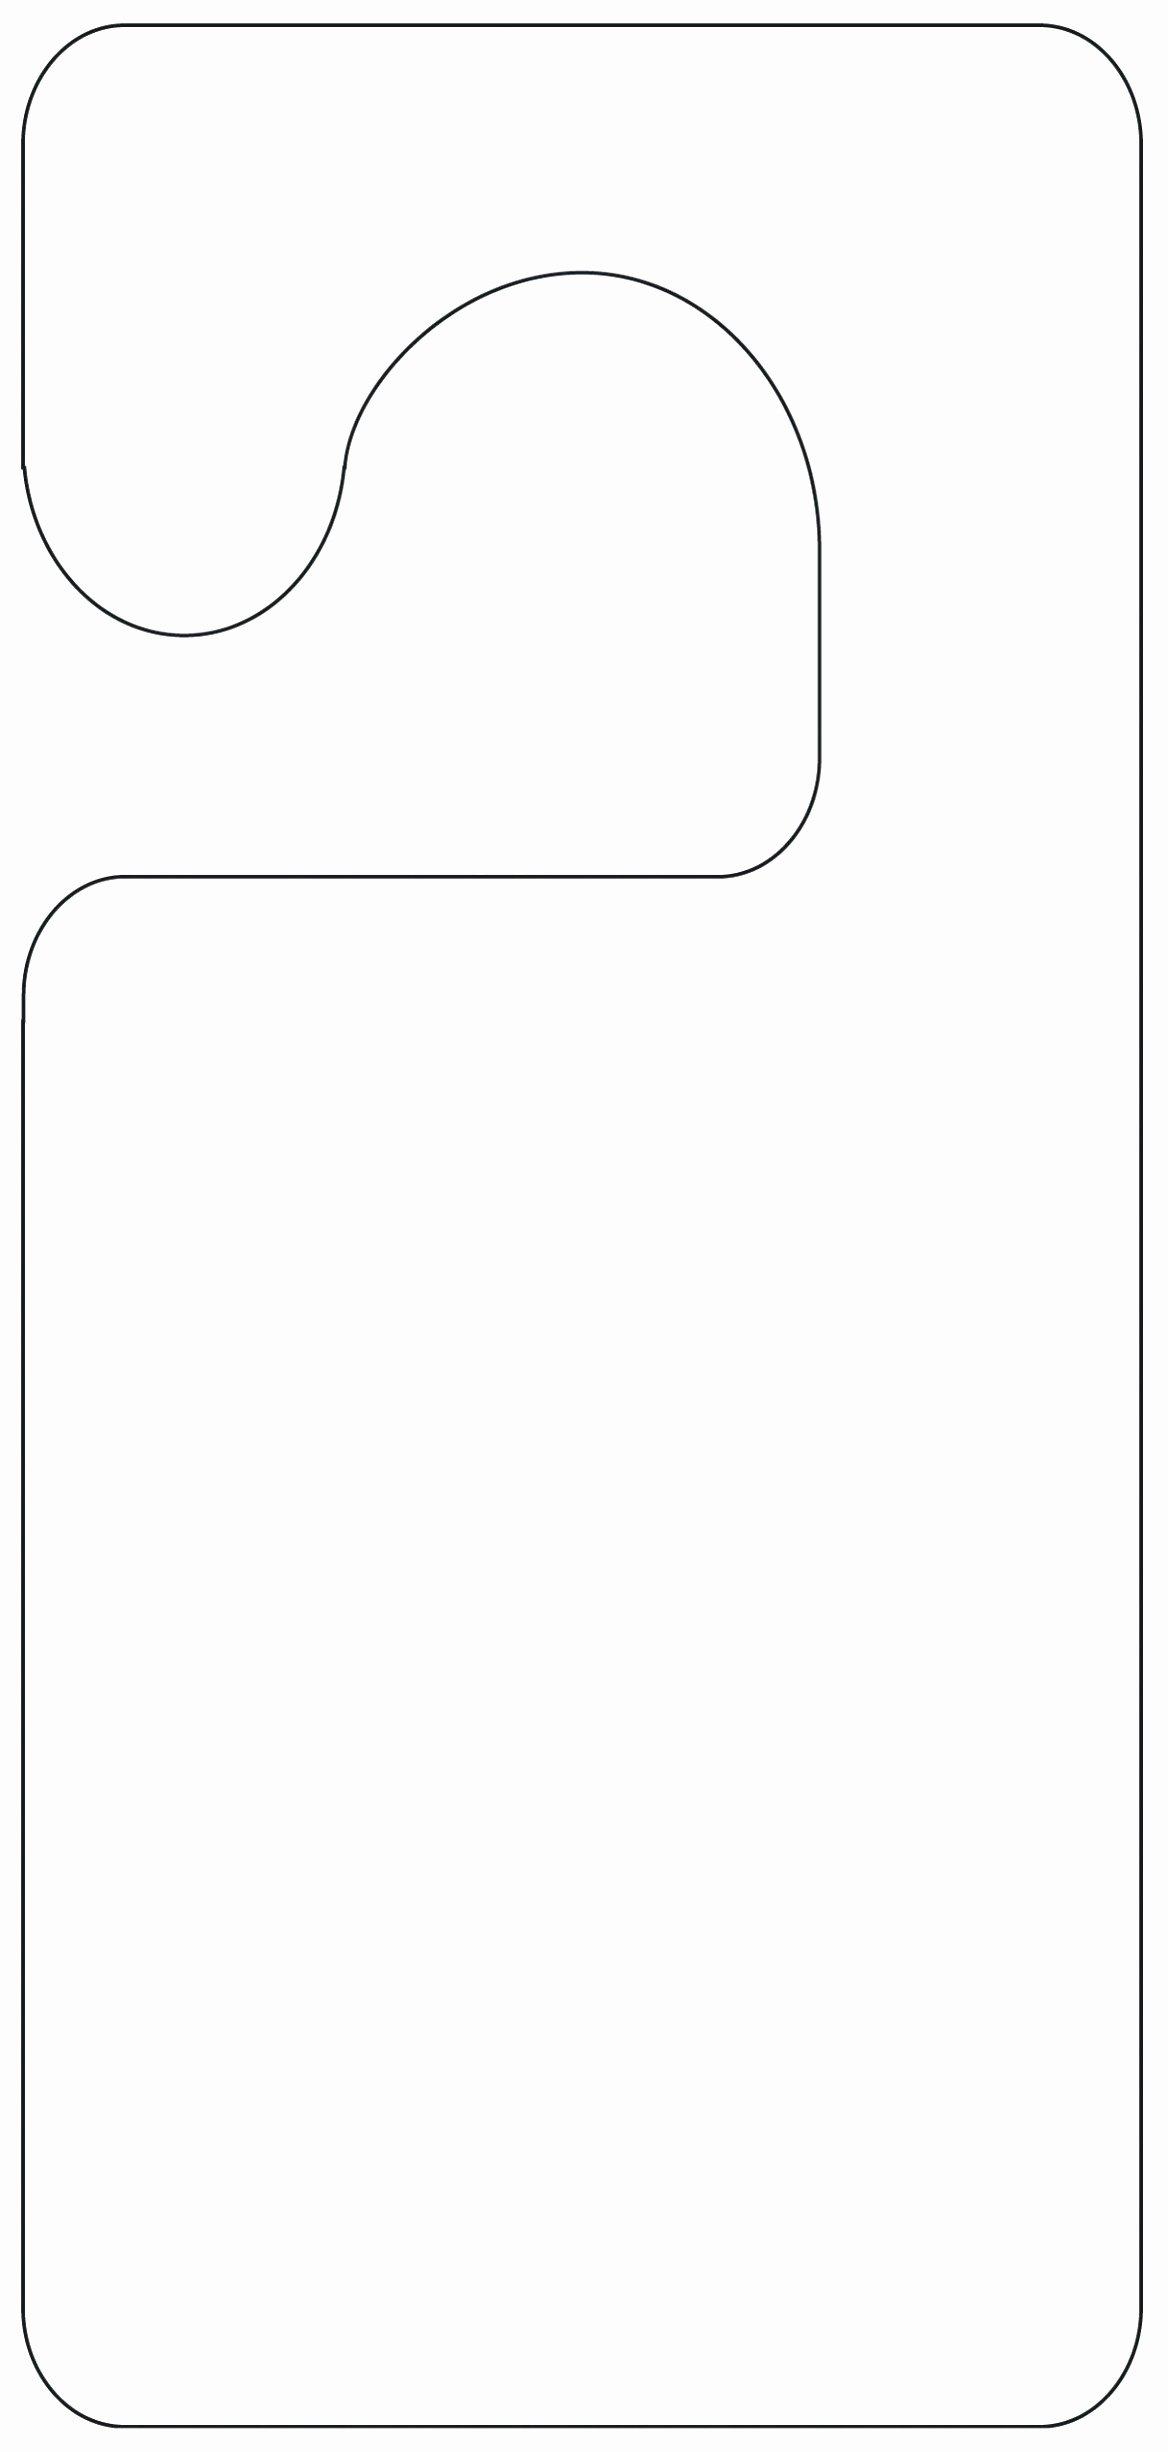 Blank Door Hanger Template Best Of 5 Blank Door Hanger Template for Word Uawrc